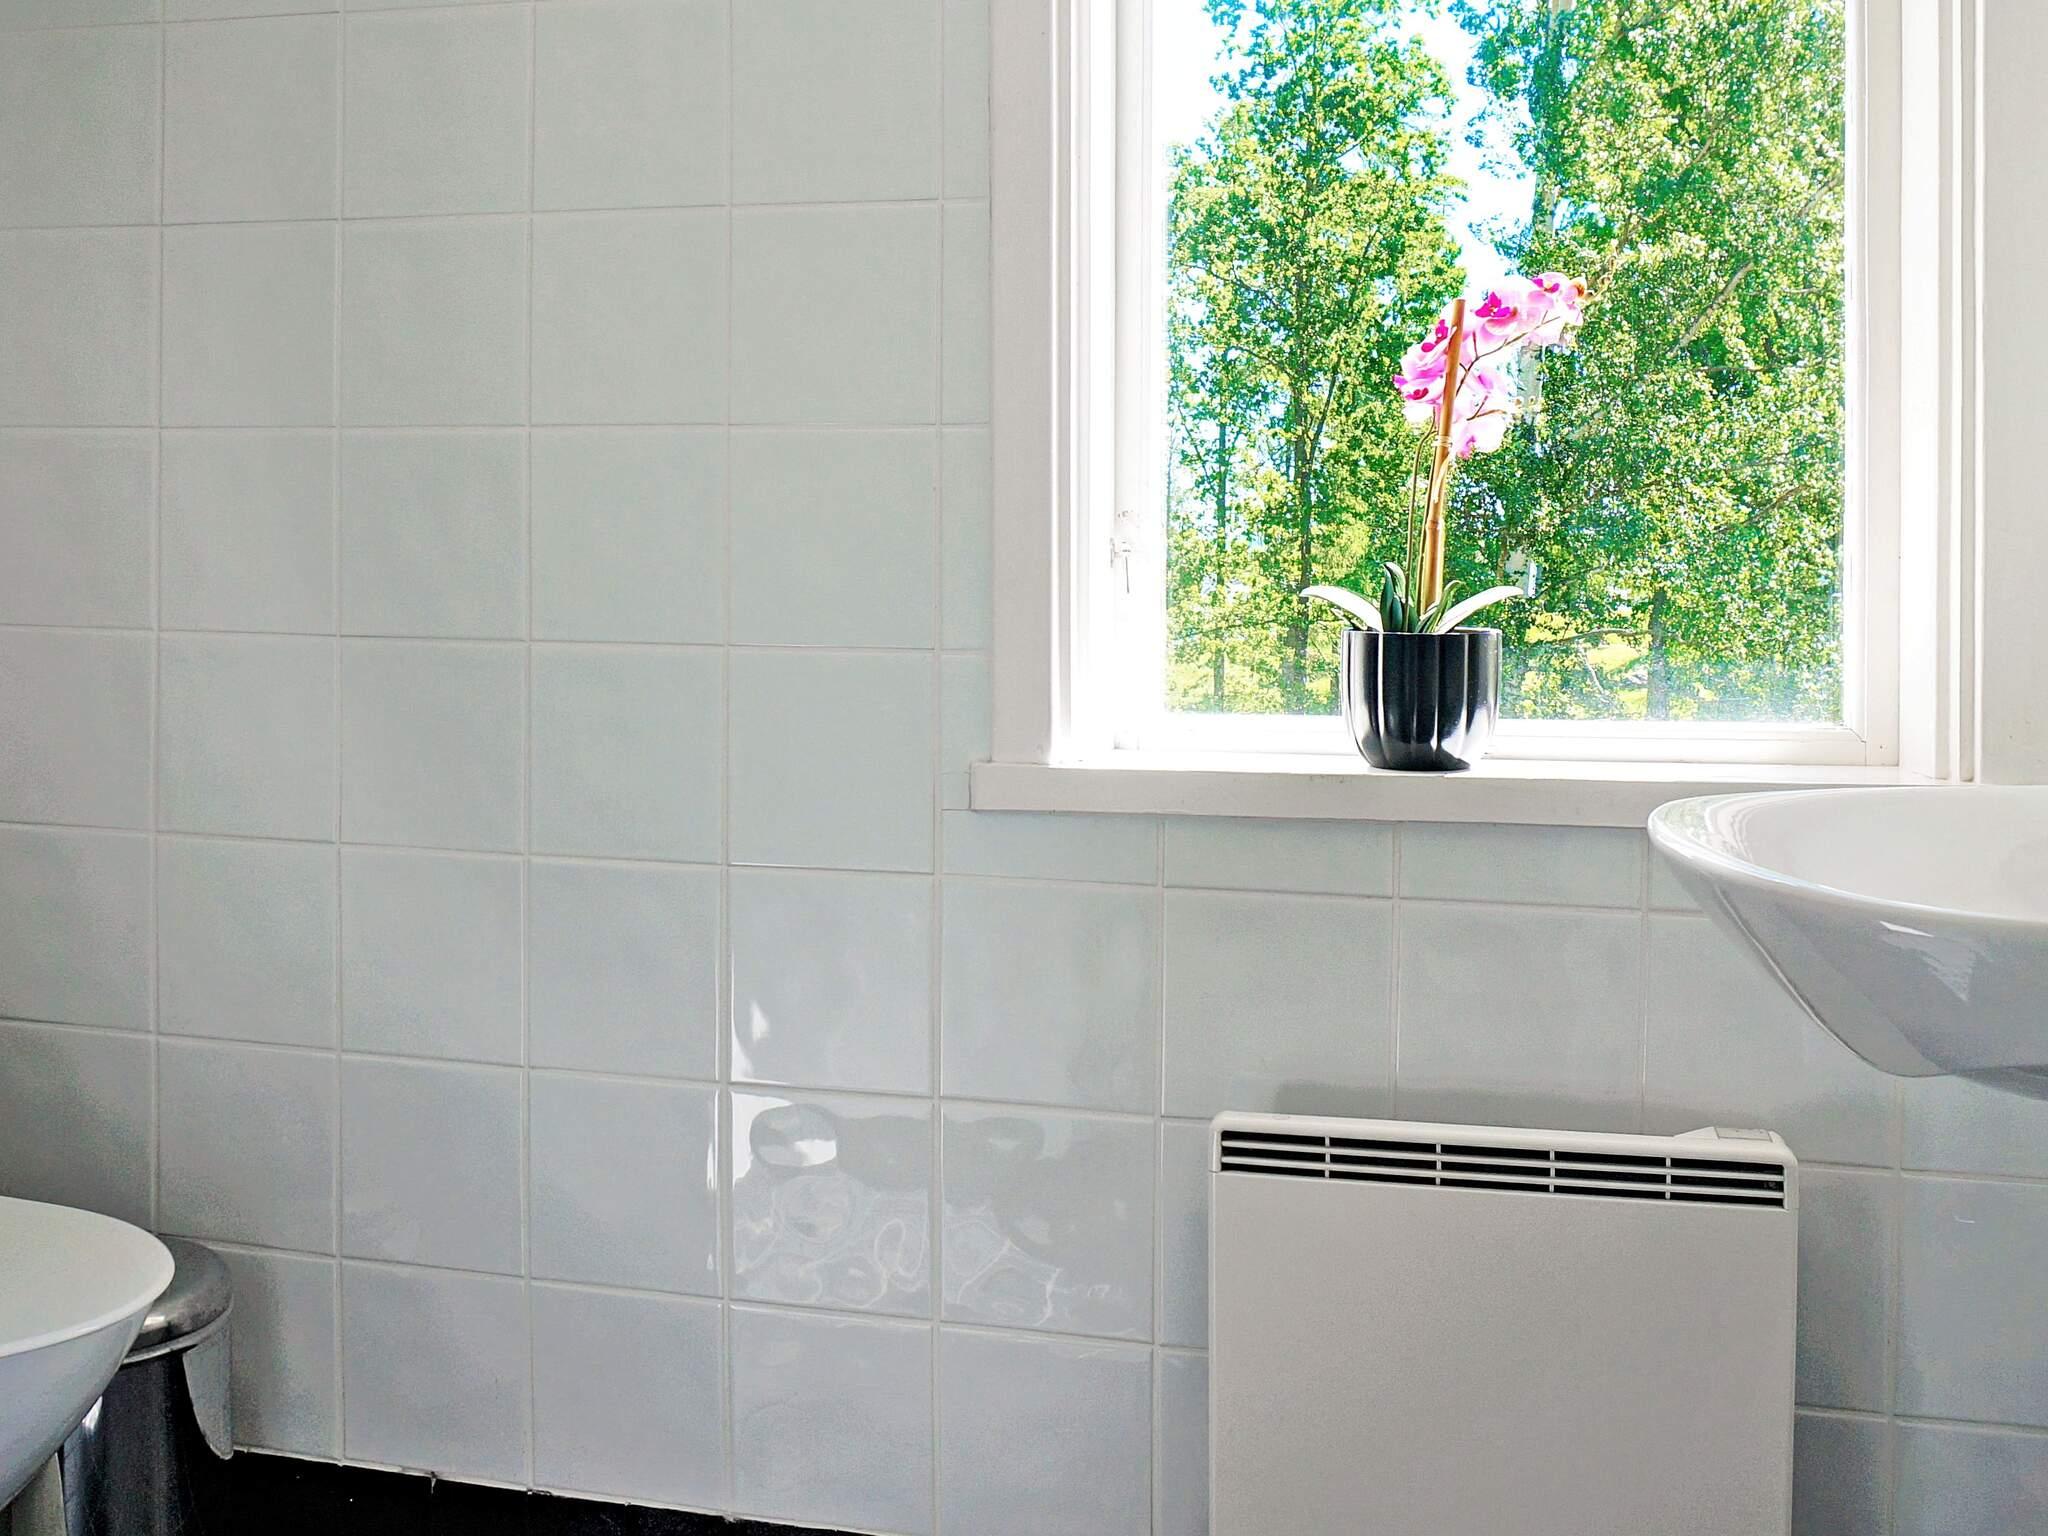 Ferienhaus Hova (432882), Hova, Västra Götaland län, Westschweden, Schweden, Bild 17